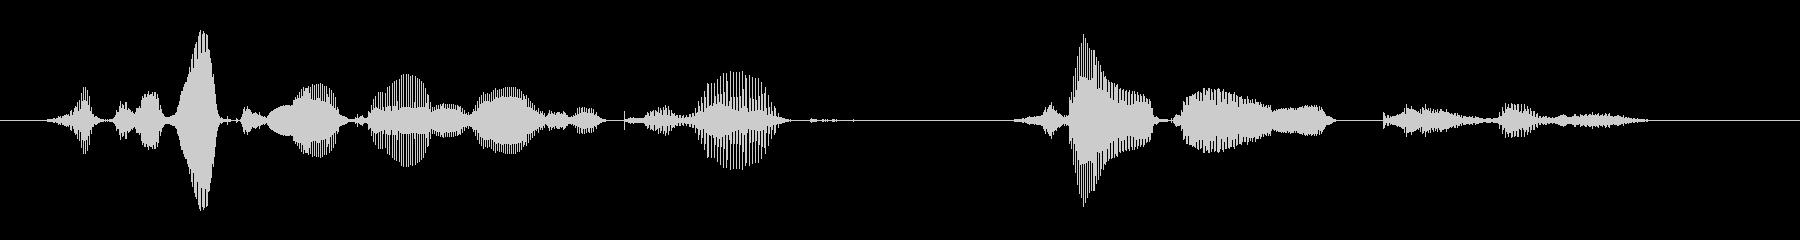 【誕生石】8月の誕生石は、サードオニッ…の未再生の波形